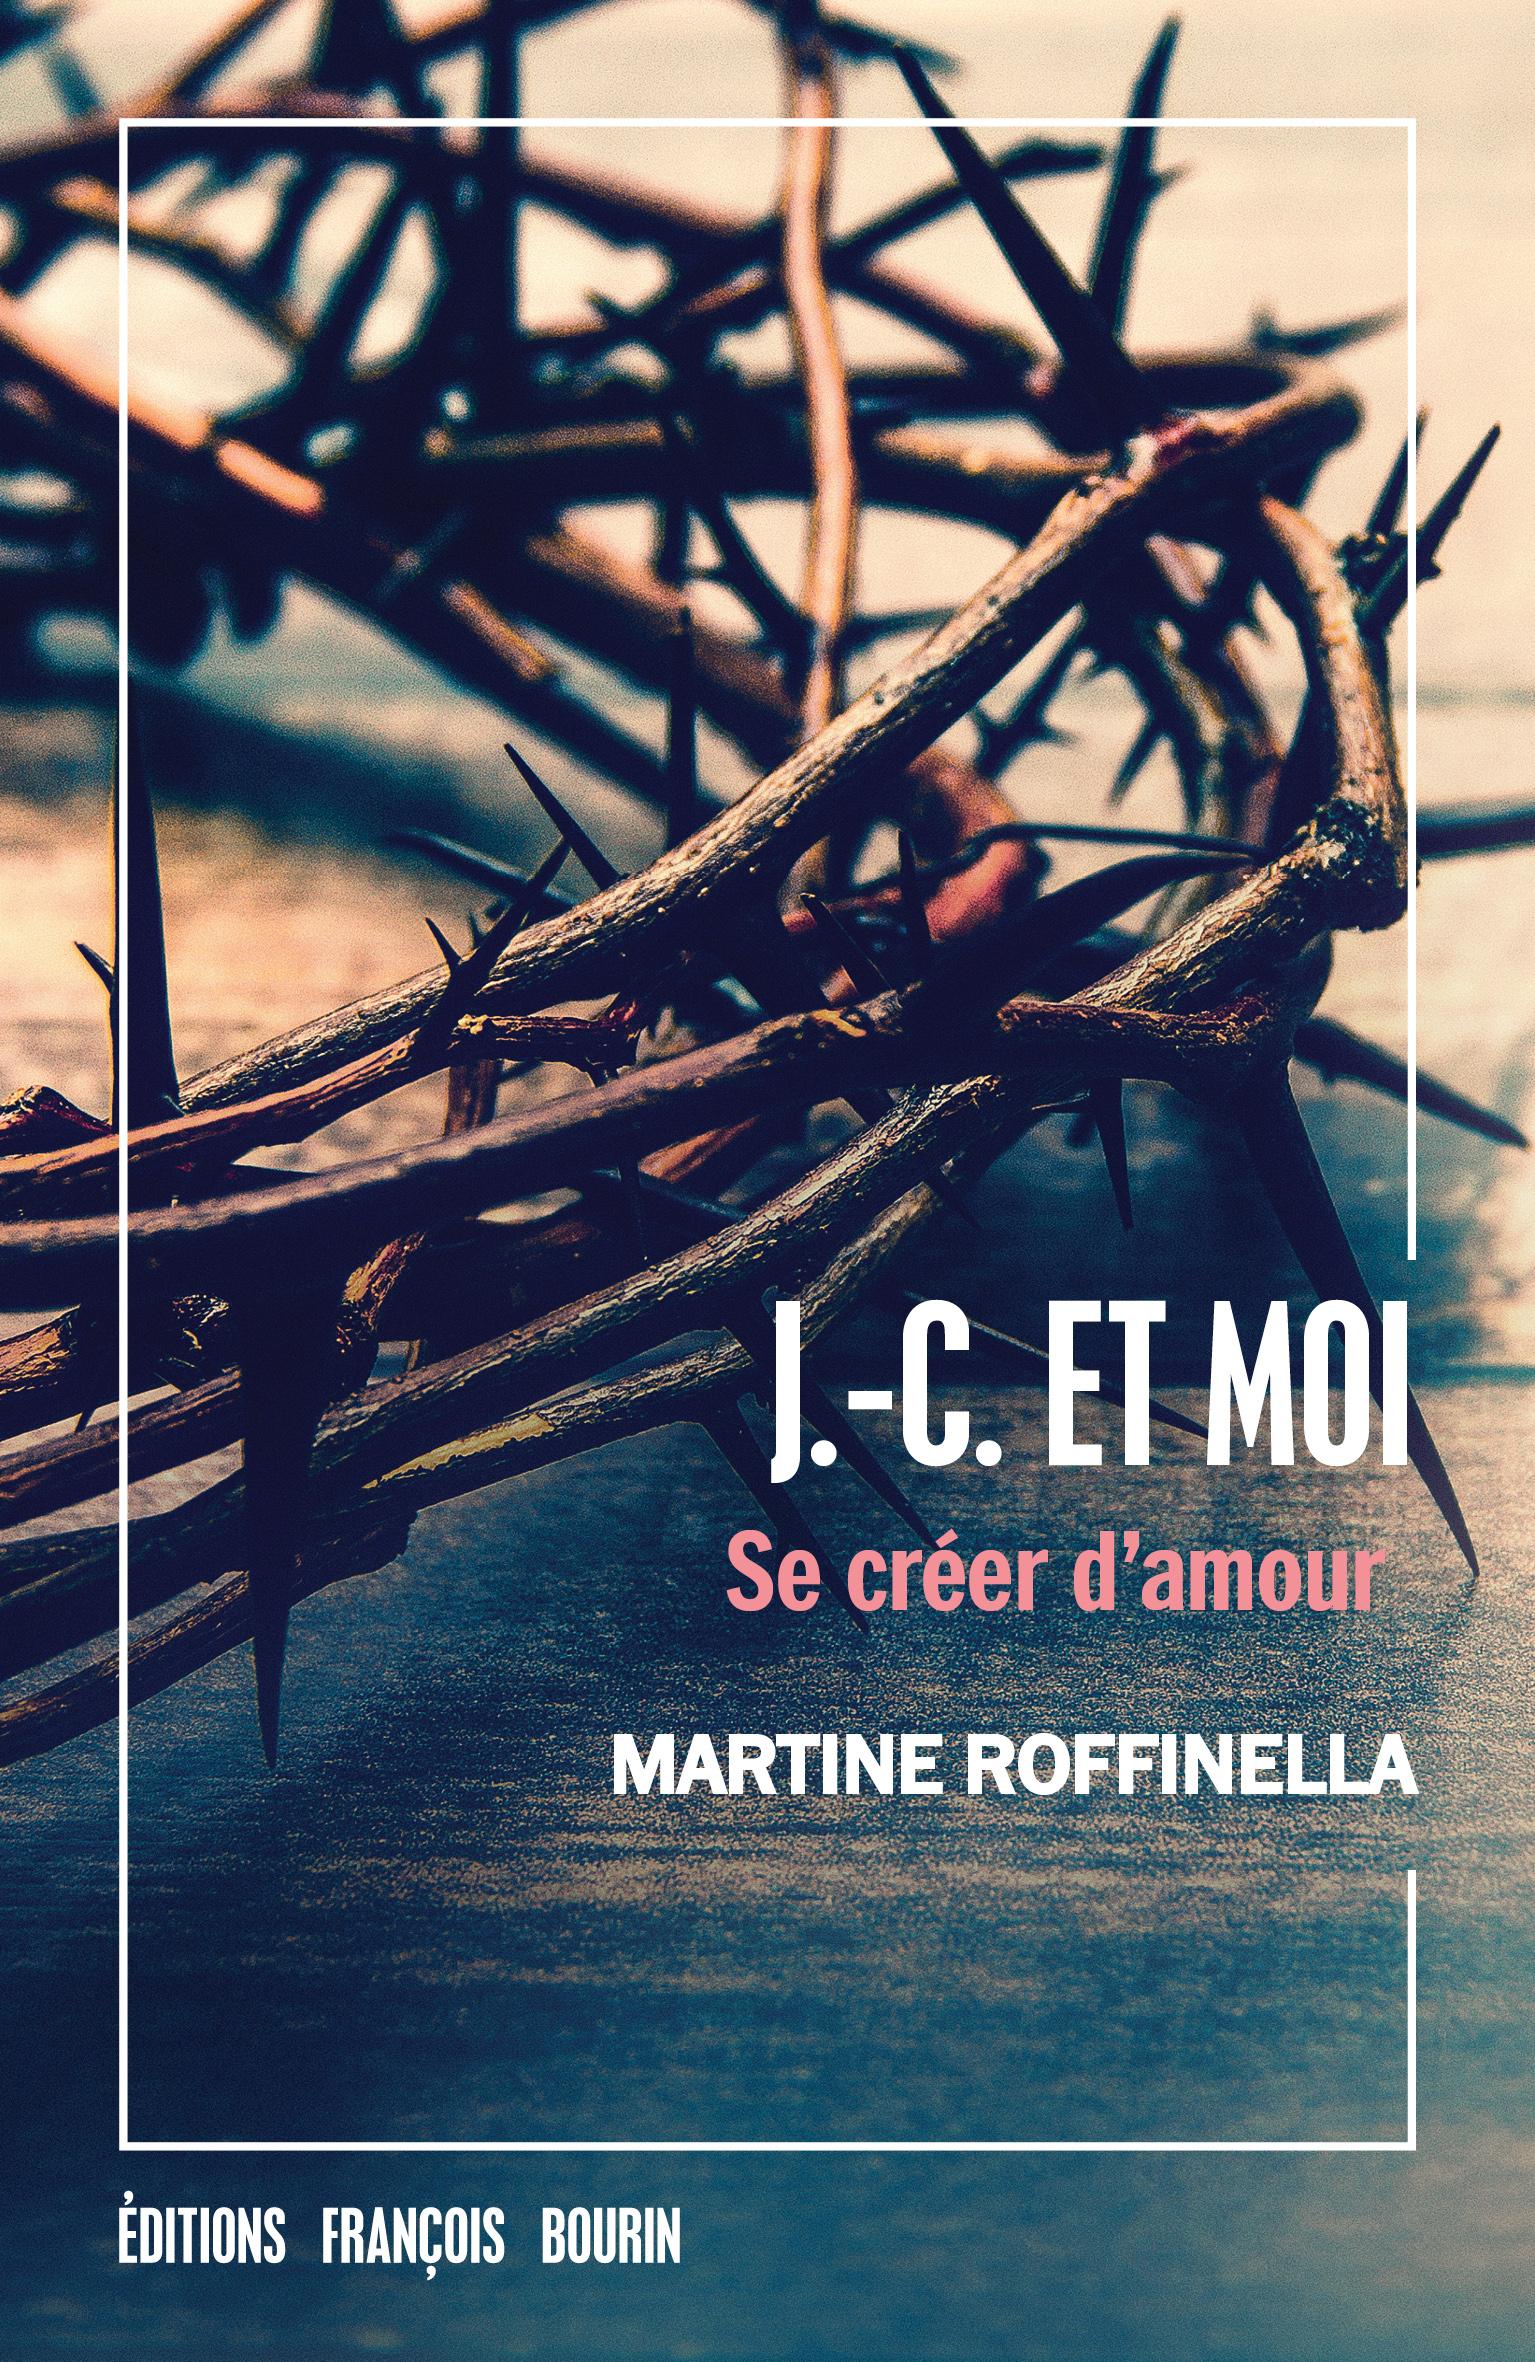 J.-C. et Moi, Se cr?er d'amour